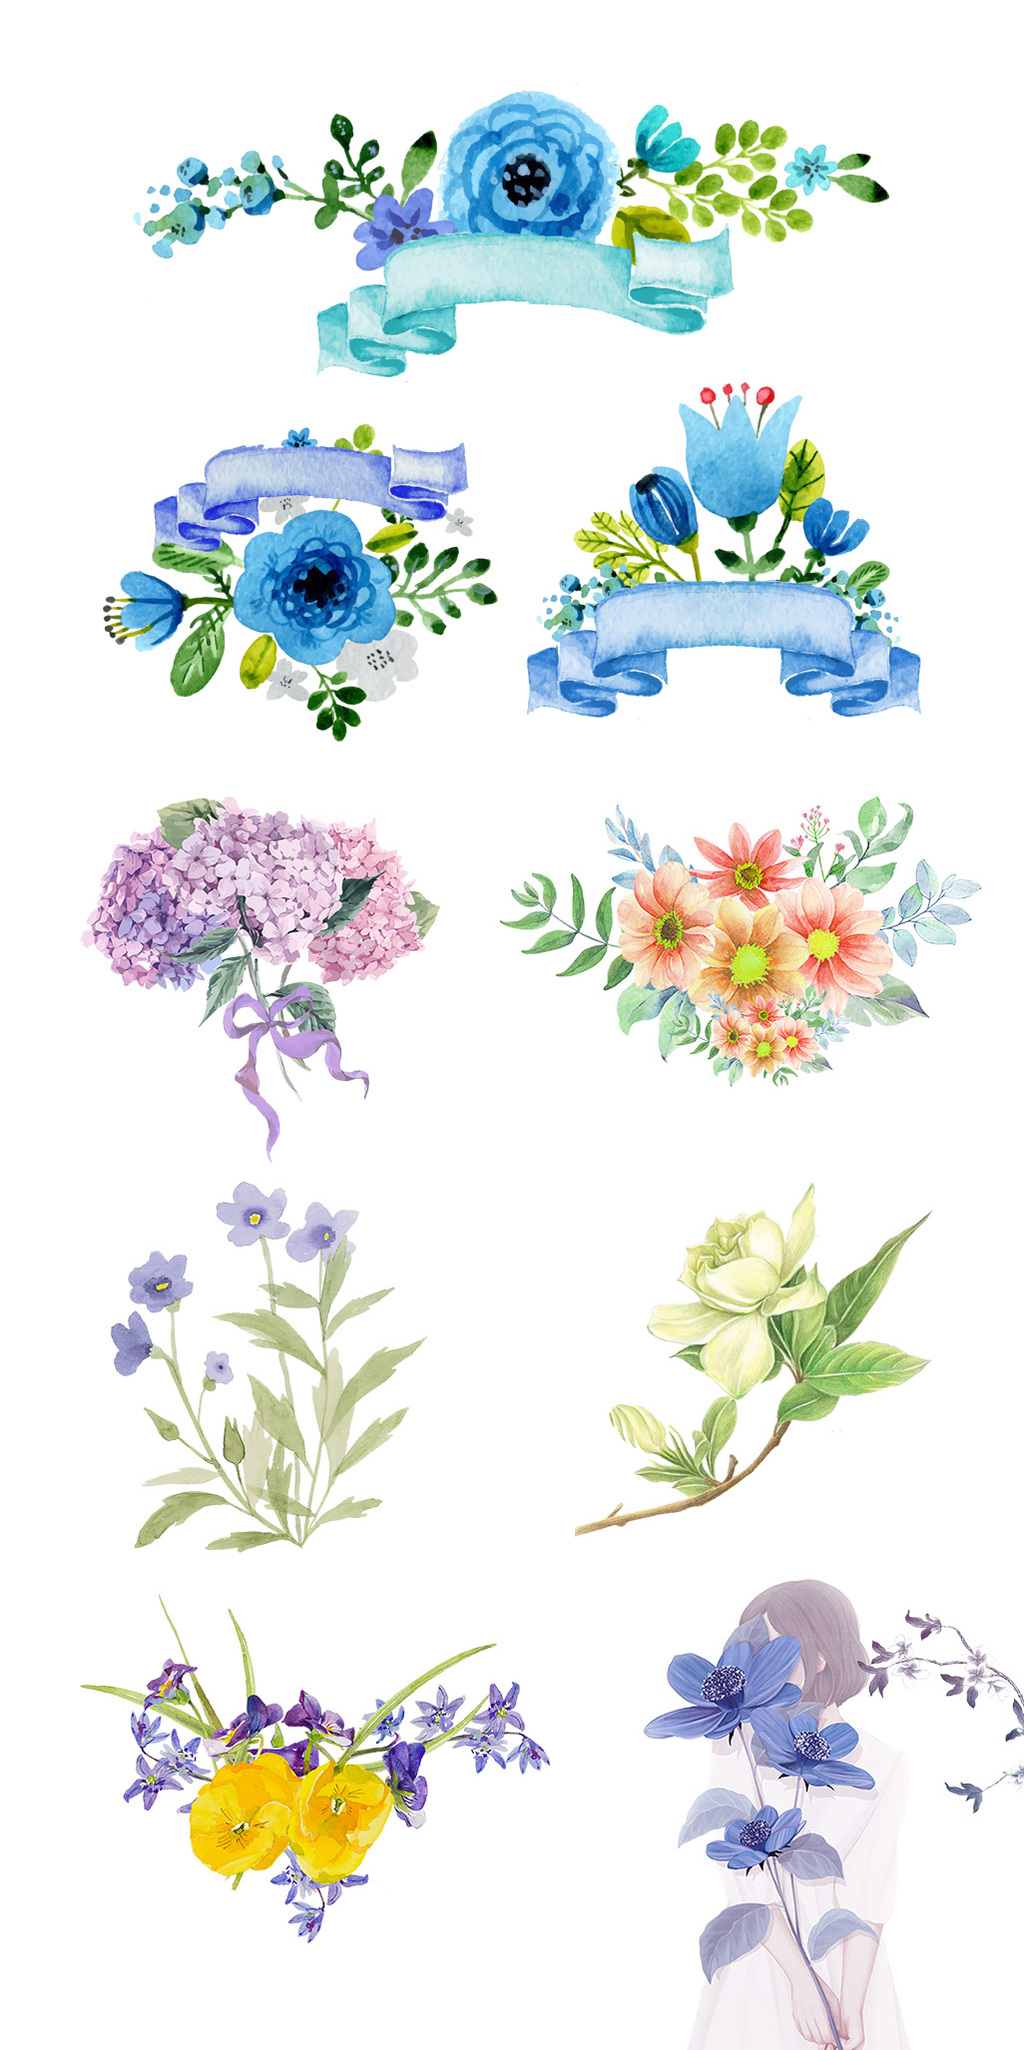 小清新文艺手绘花朵淘宝素材